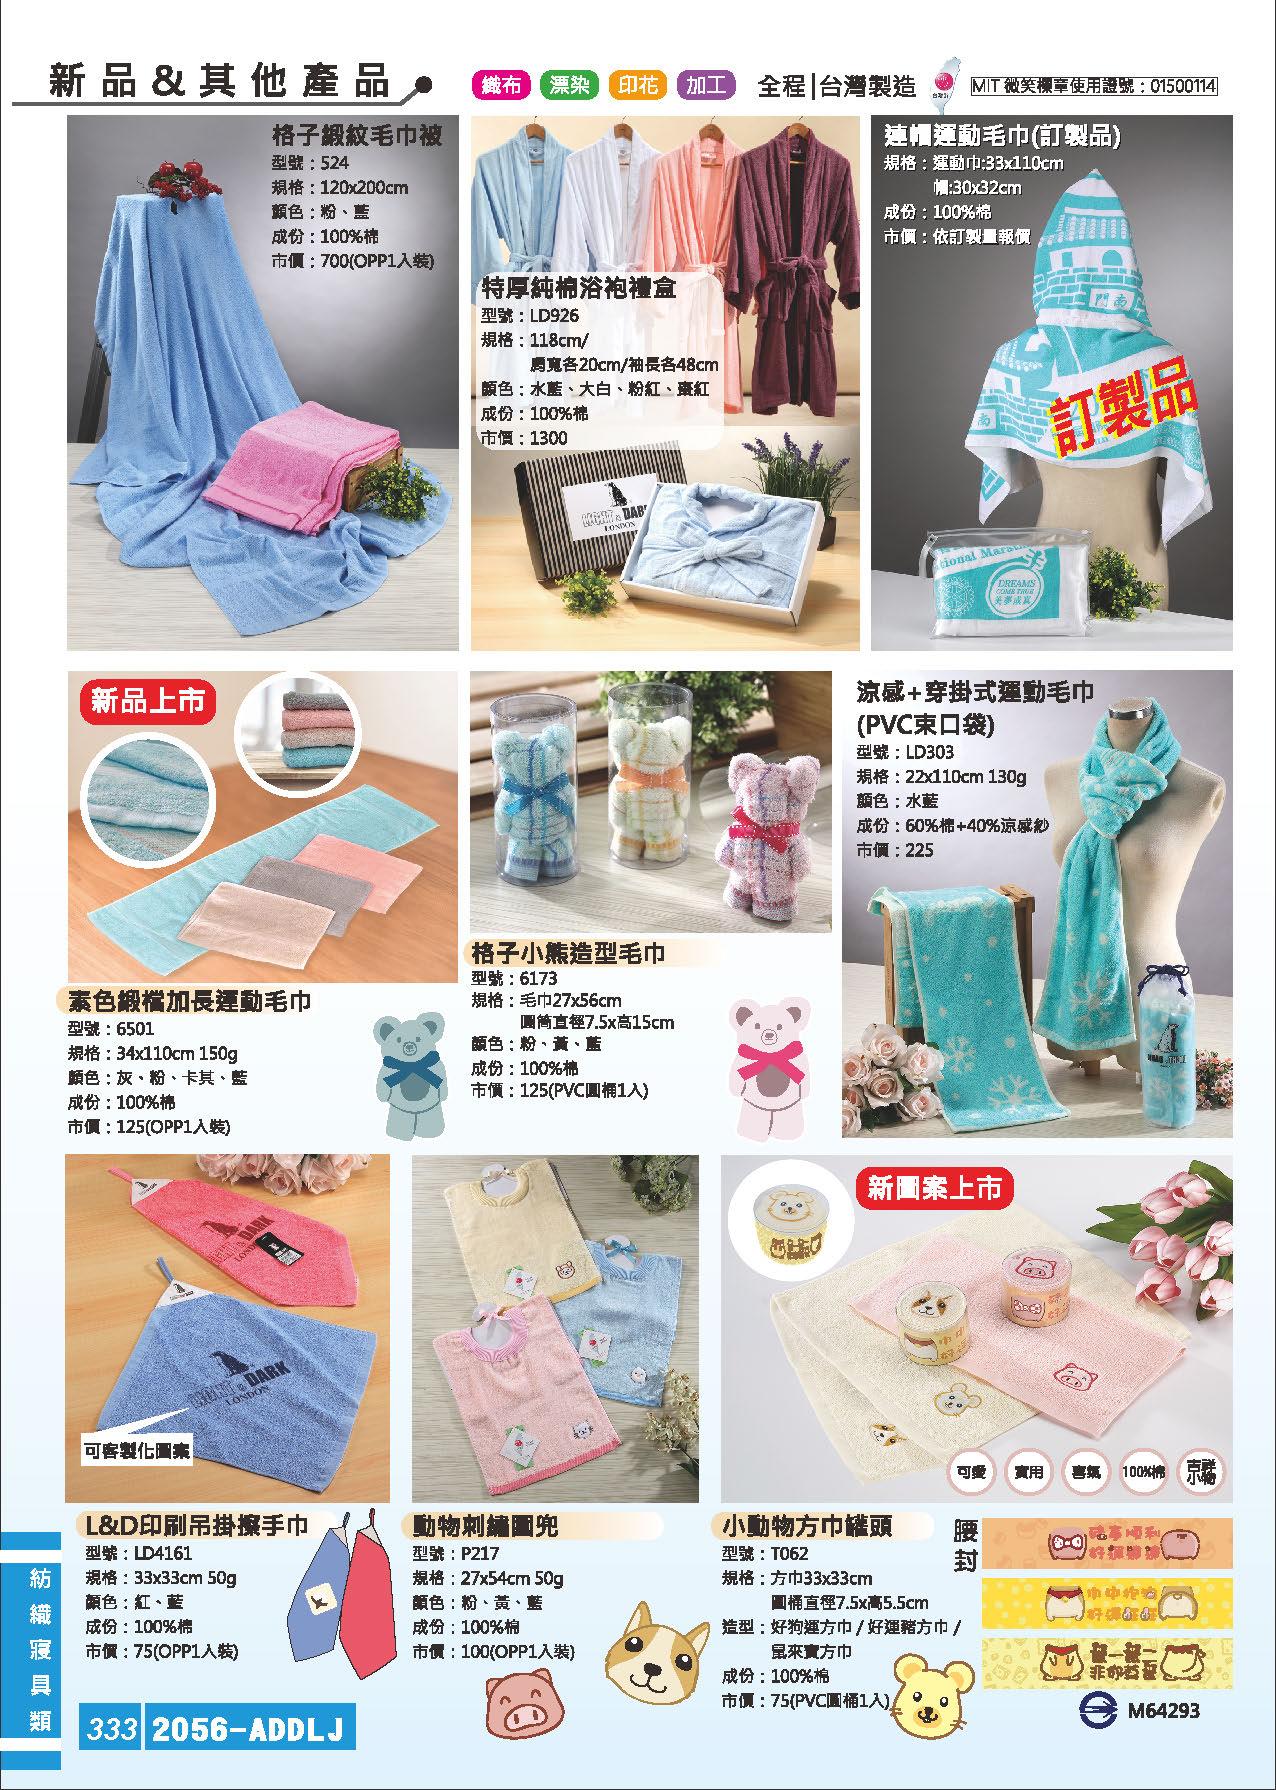 紡織寢具類-昌和01